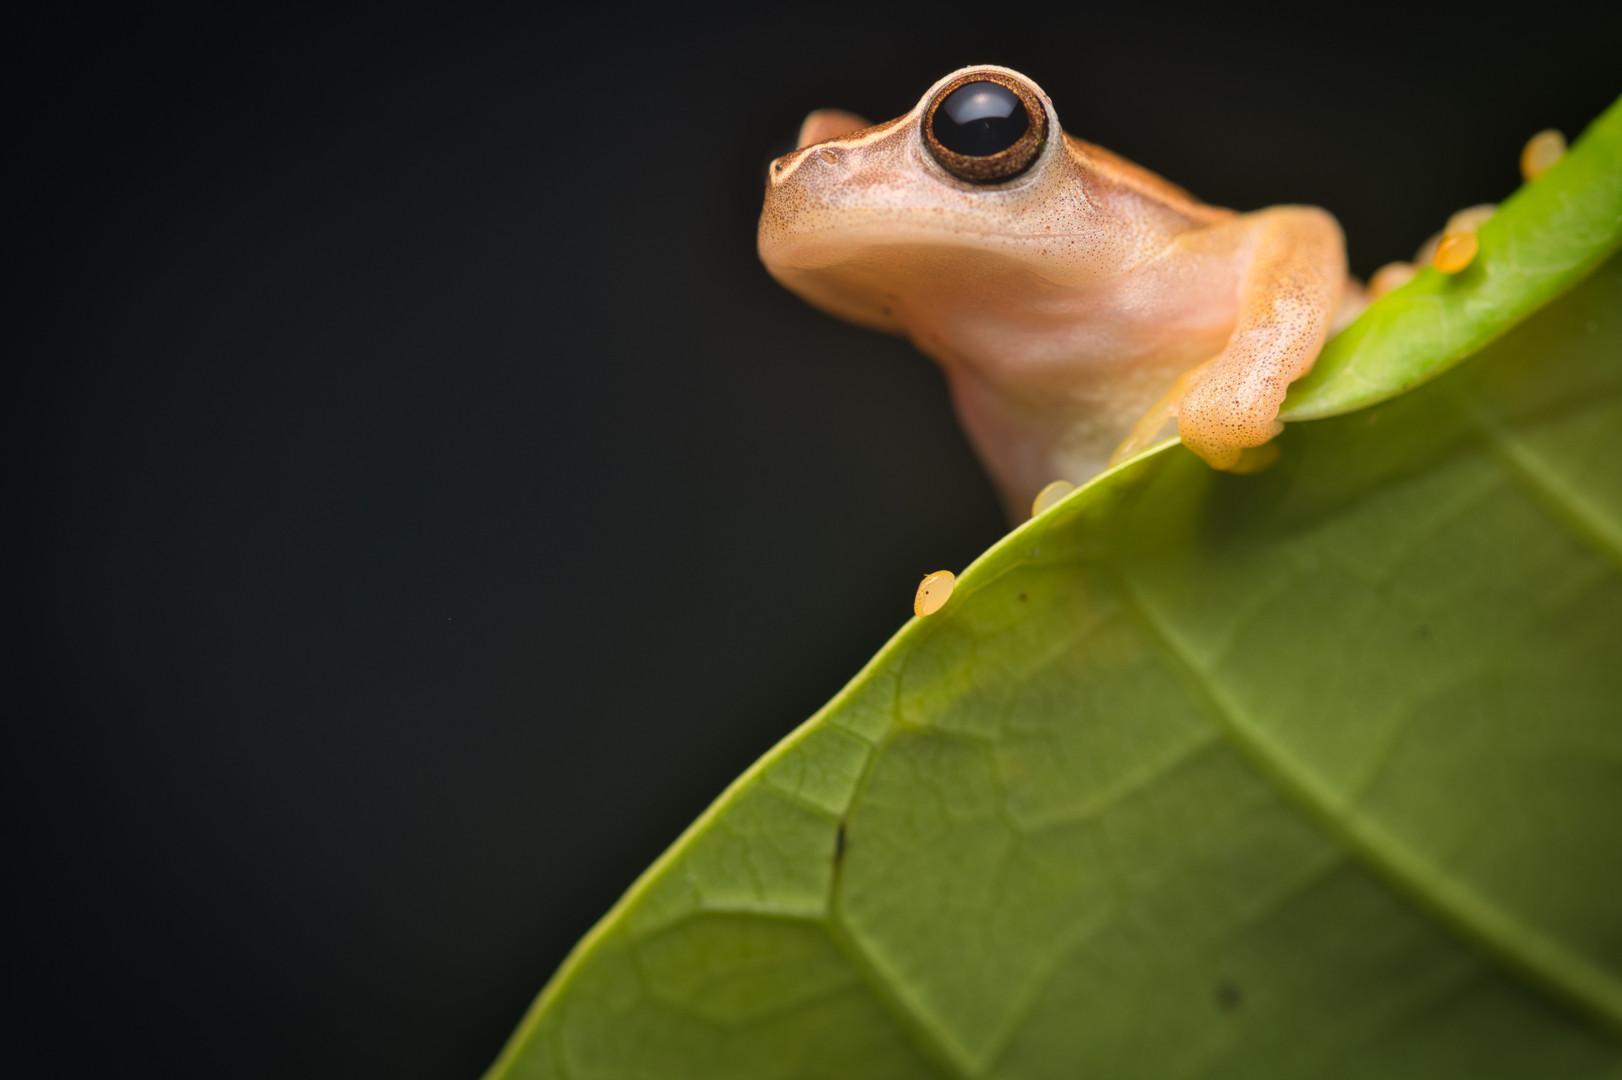 Dendropsophus microcephalus - Dibulla, Guajira, Colombia